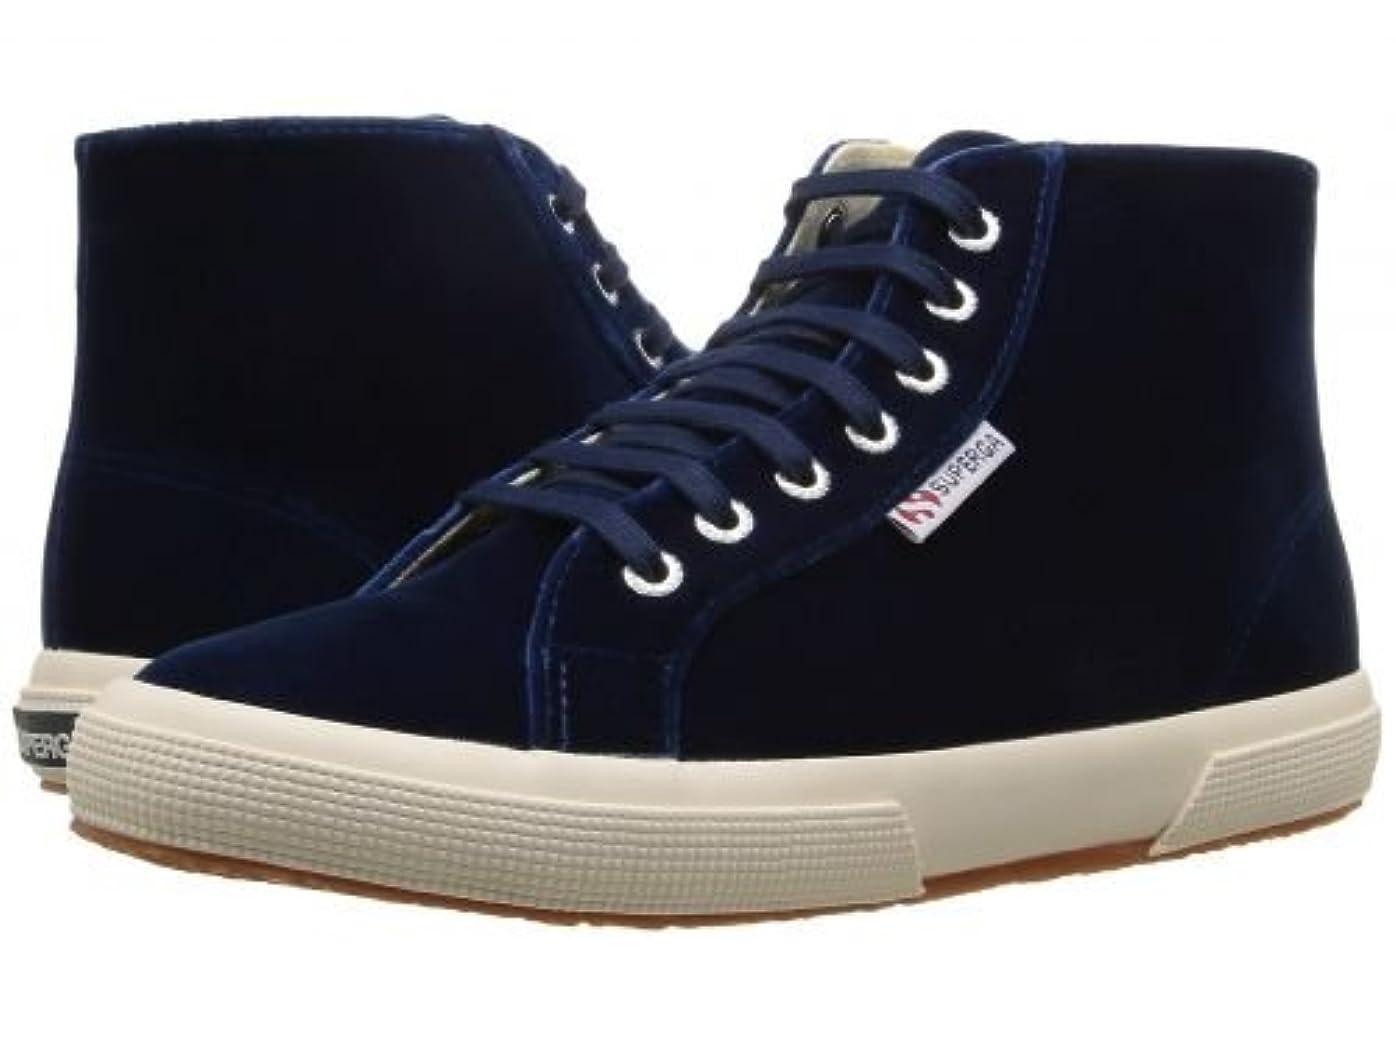 ホバーナラーバーダムSuperga(スペルガ) レディース 女性用 シューズ 靴 スニーカー 運動靴 2095 Velvetw - Blue [並行輸入品]